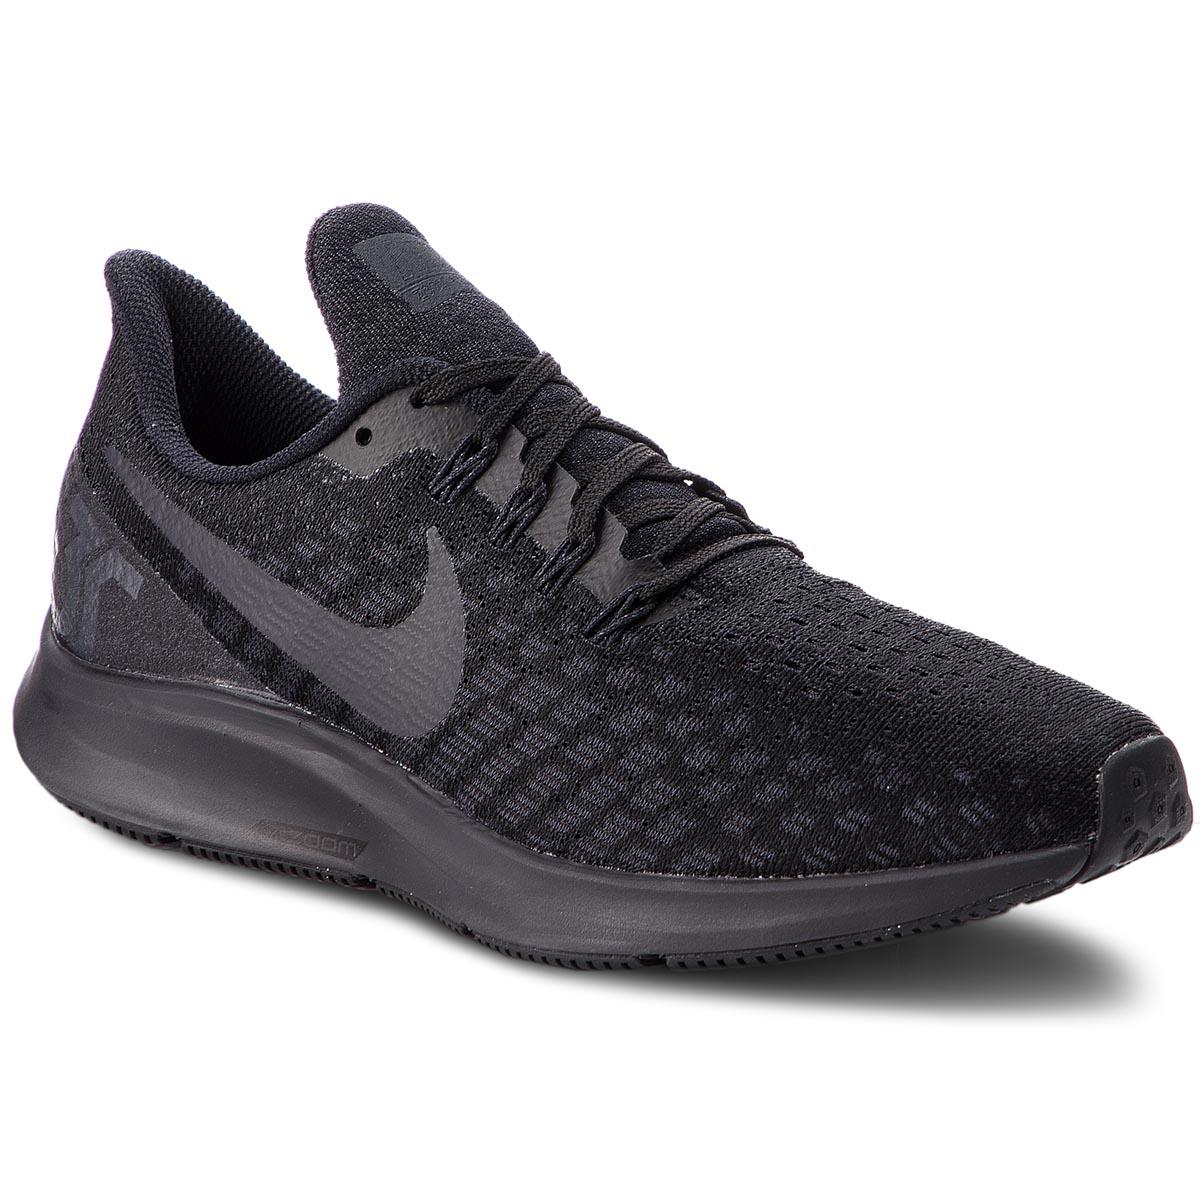 29b9a61abb51 Shoes NIKE - Air Zoom Pegasus 35 942851 006 Thunder Grey Bright ...